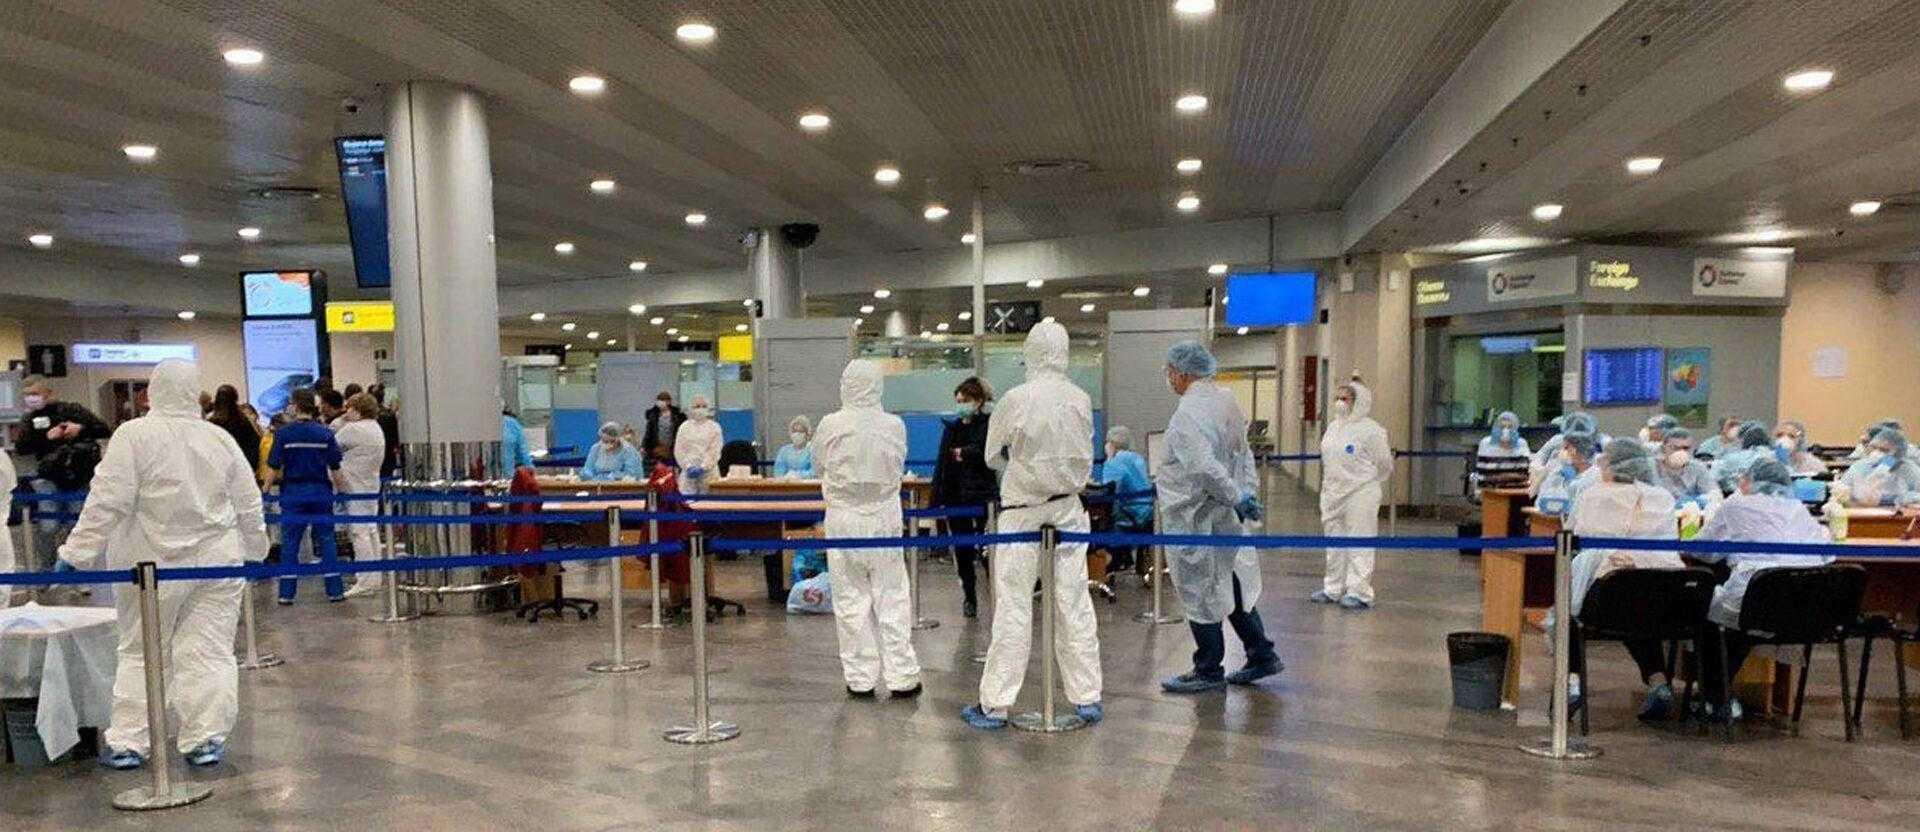 можно ли въехать в России во время эпидемии коронавируса